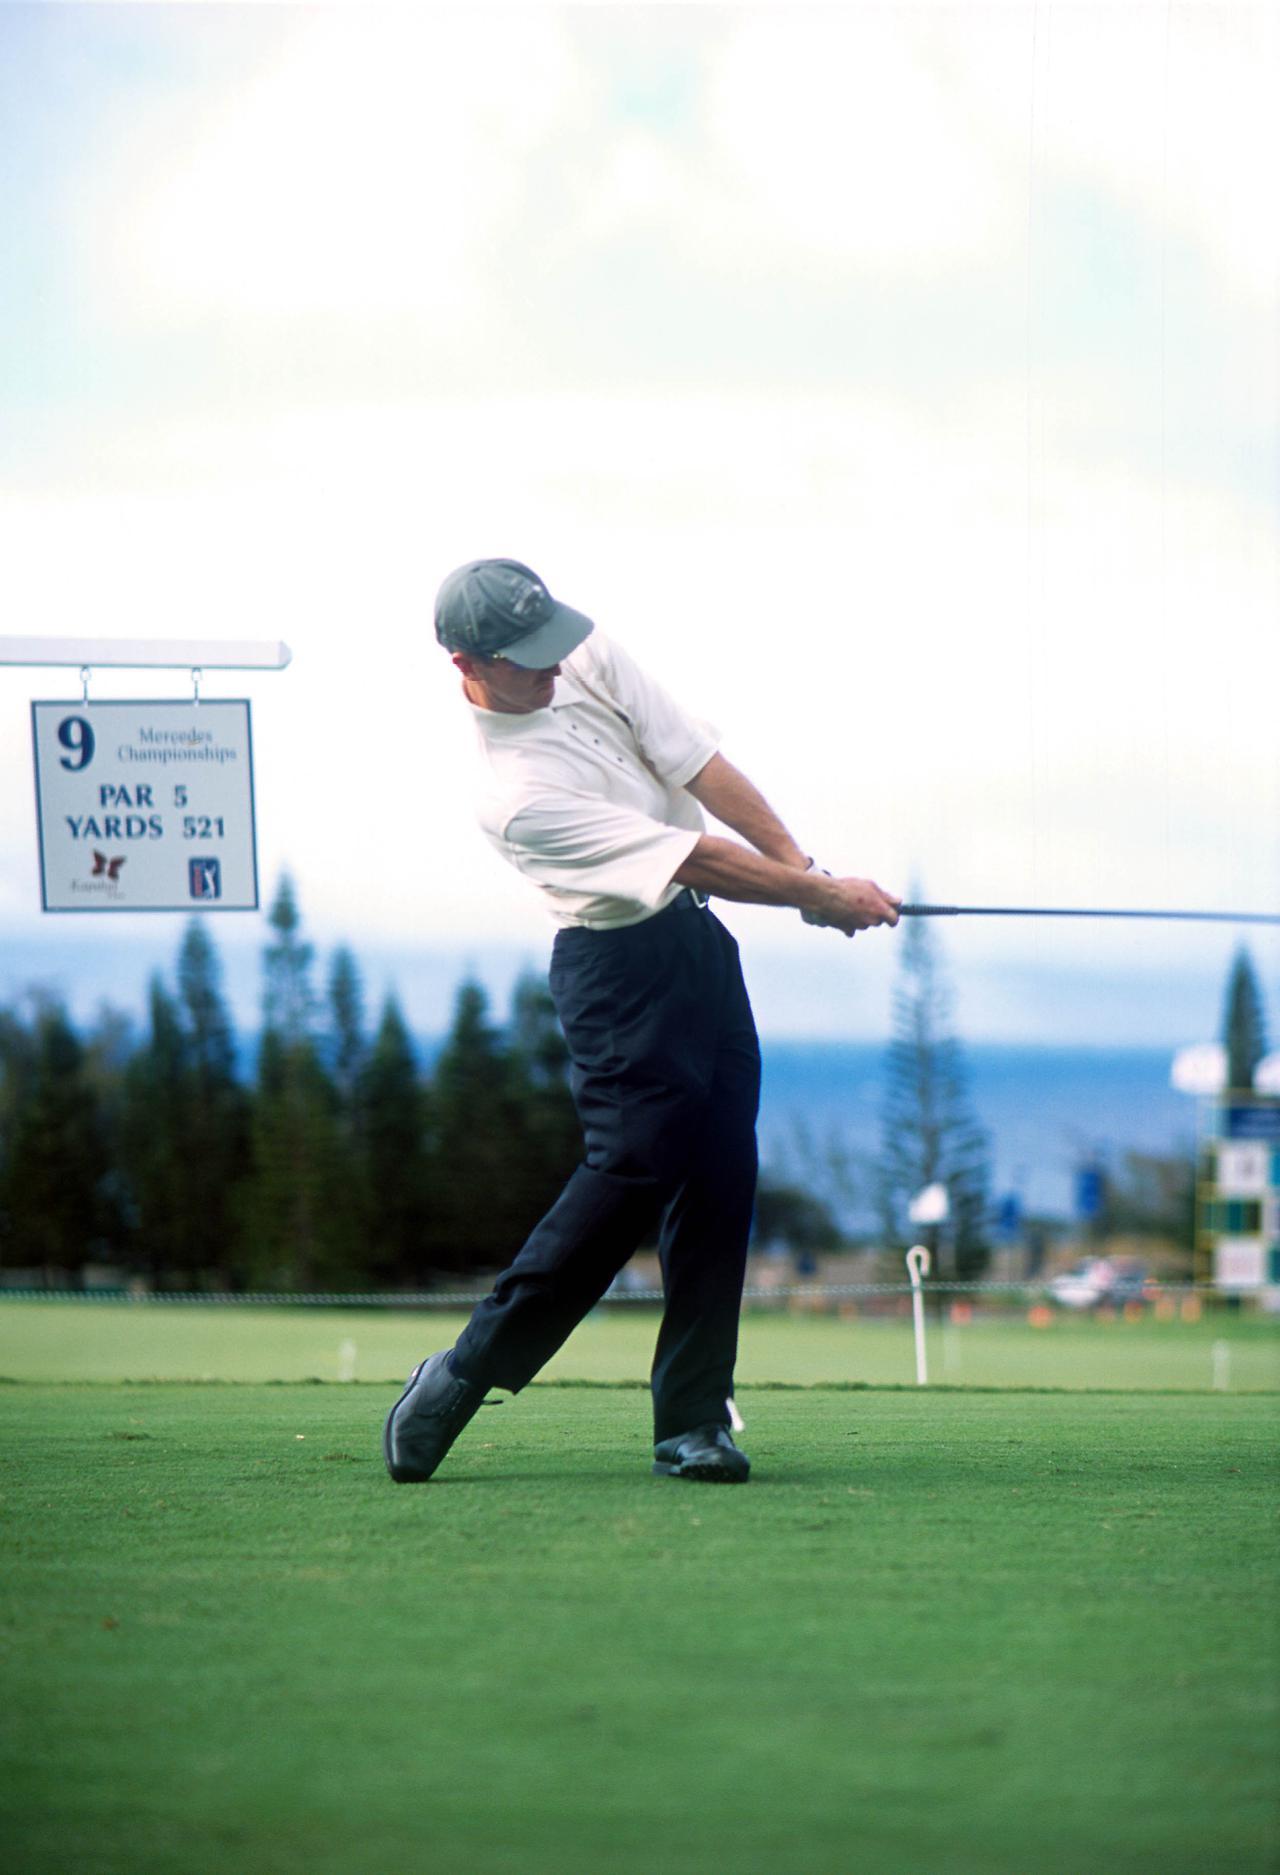 Images : 8番目の画像 - デビッド・デュバル ドライバー正面連続写真 - みんなのゴルフダイジェスト